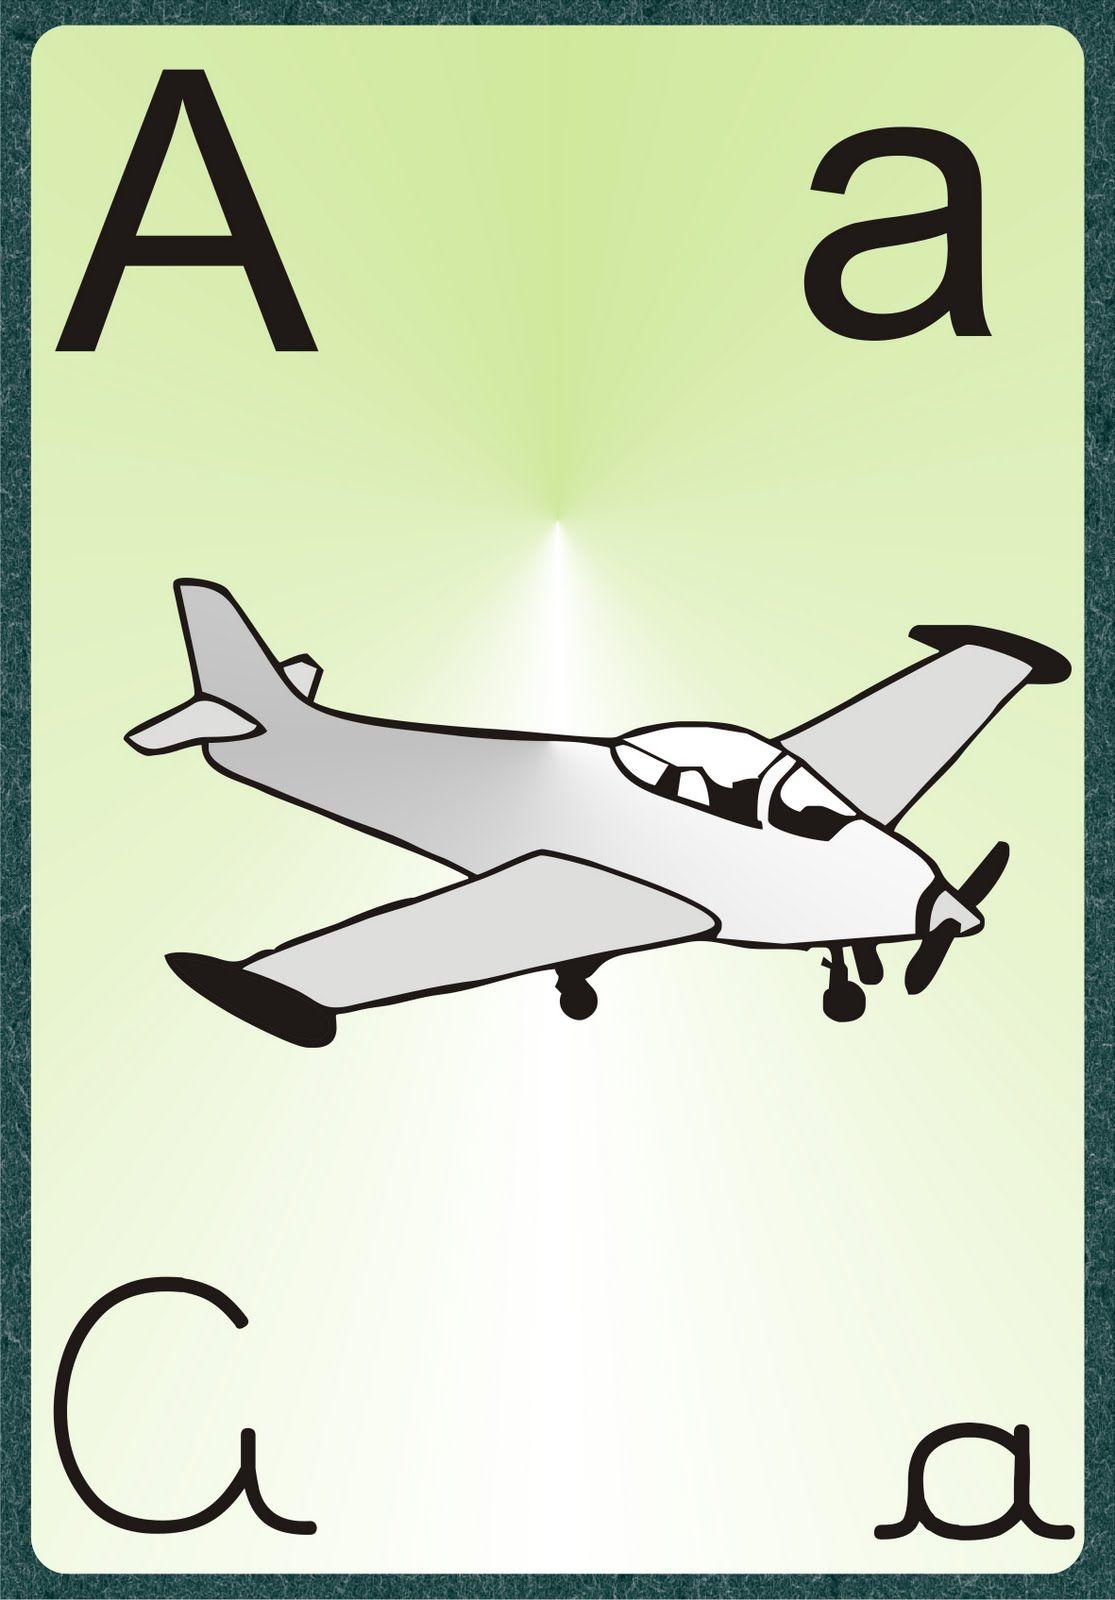 Alfabeto Iiustrado 4 Tipos De Letras Para Imprimir Gratis Letras